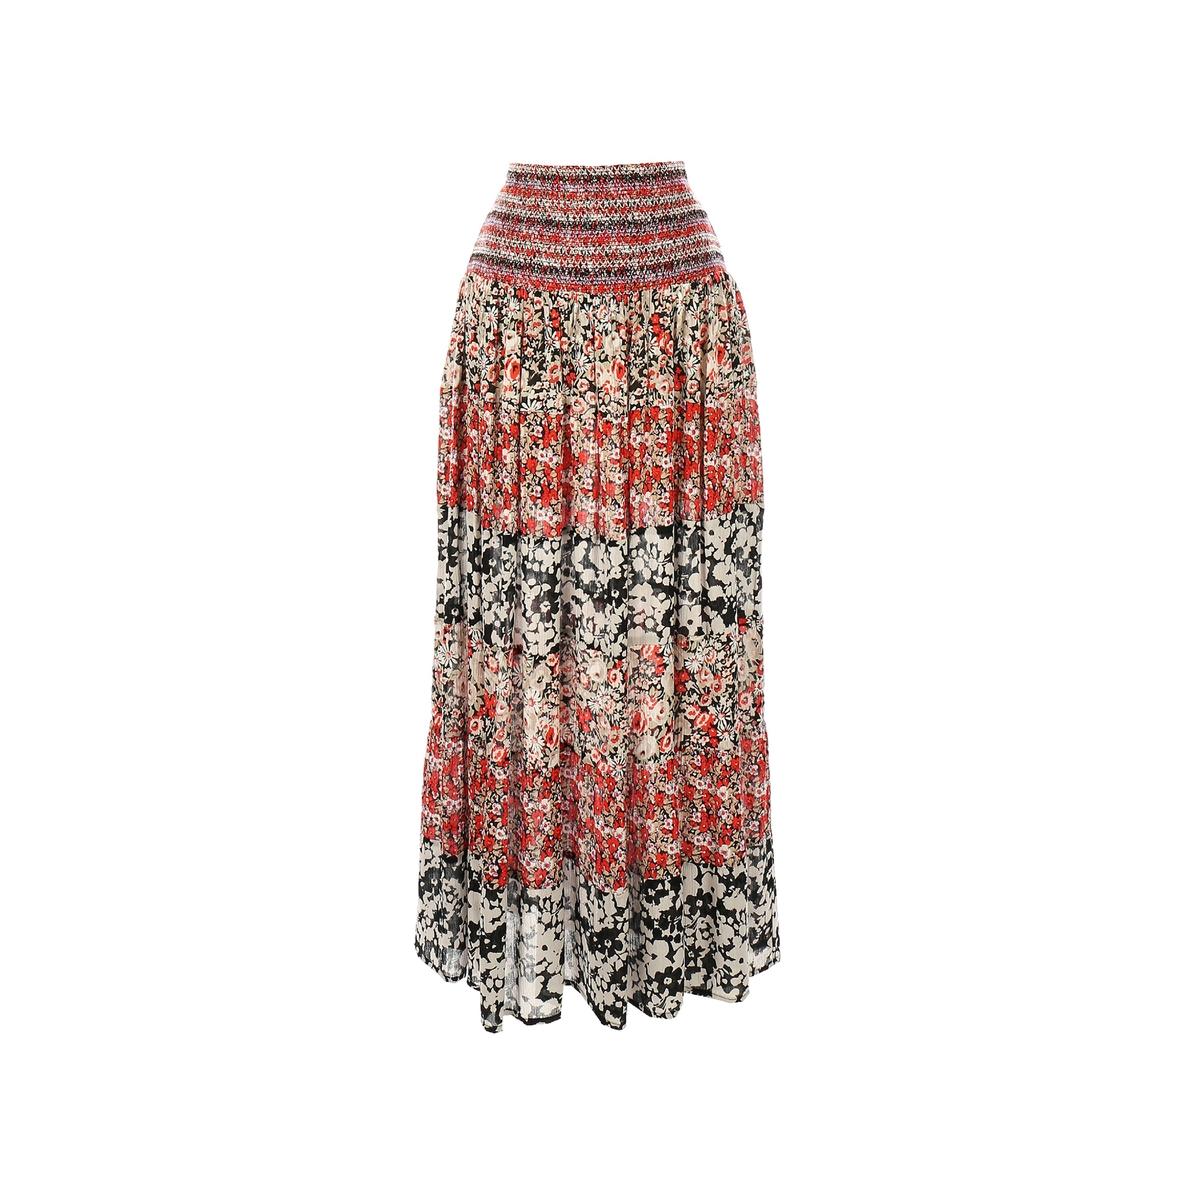 Юбка длинная с рисункомМатериал : 100% вискоза Особенность пояса : эластичный пояс Рисунок : принт Длина юбки : длинная<br><br>Цвет: красный